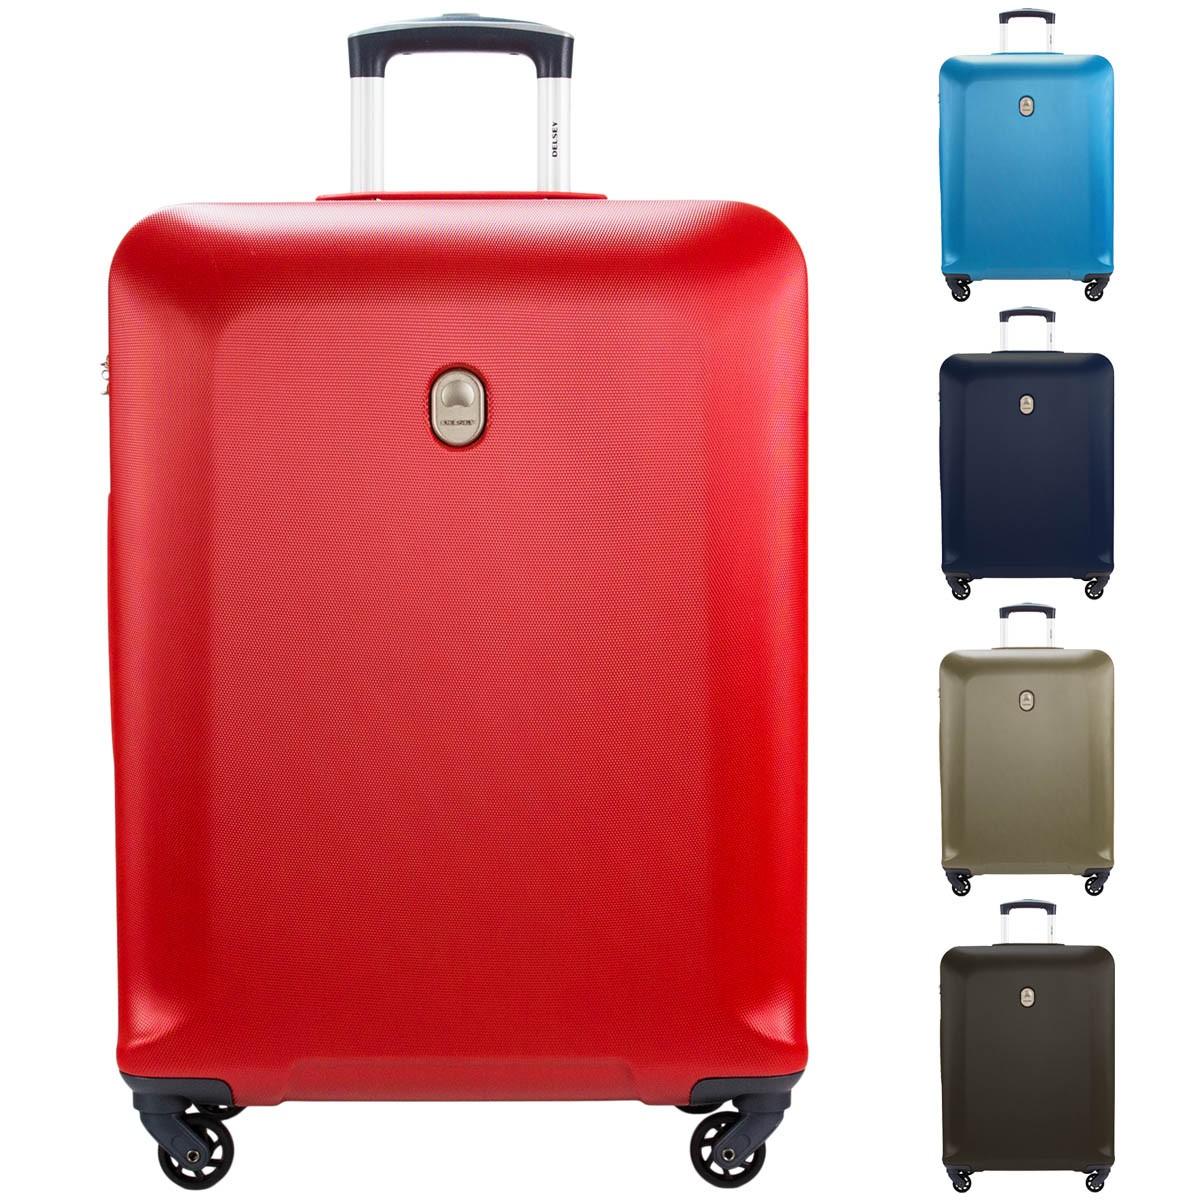 Delsey Biela 4-Rollen Koffer Trolley 66 cm 00 3575810